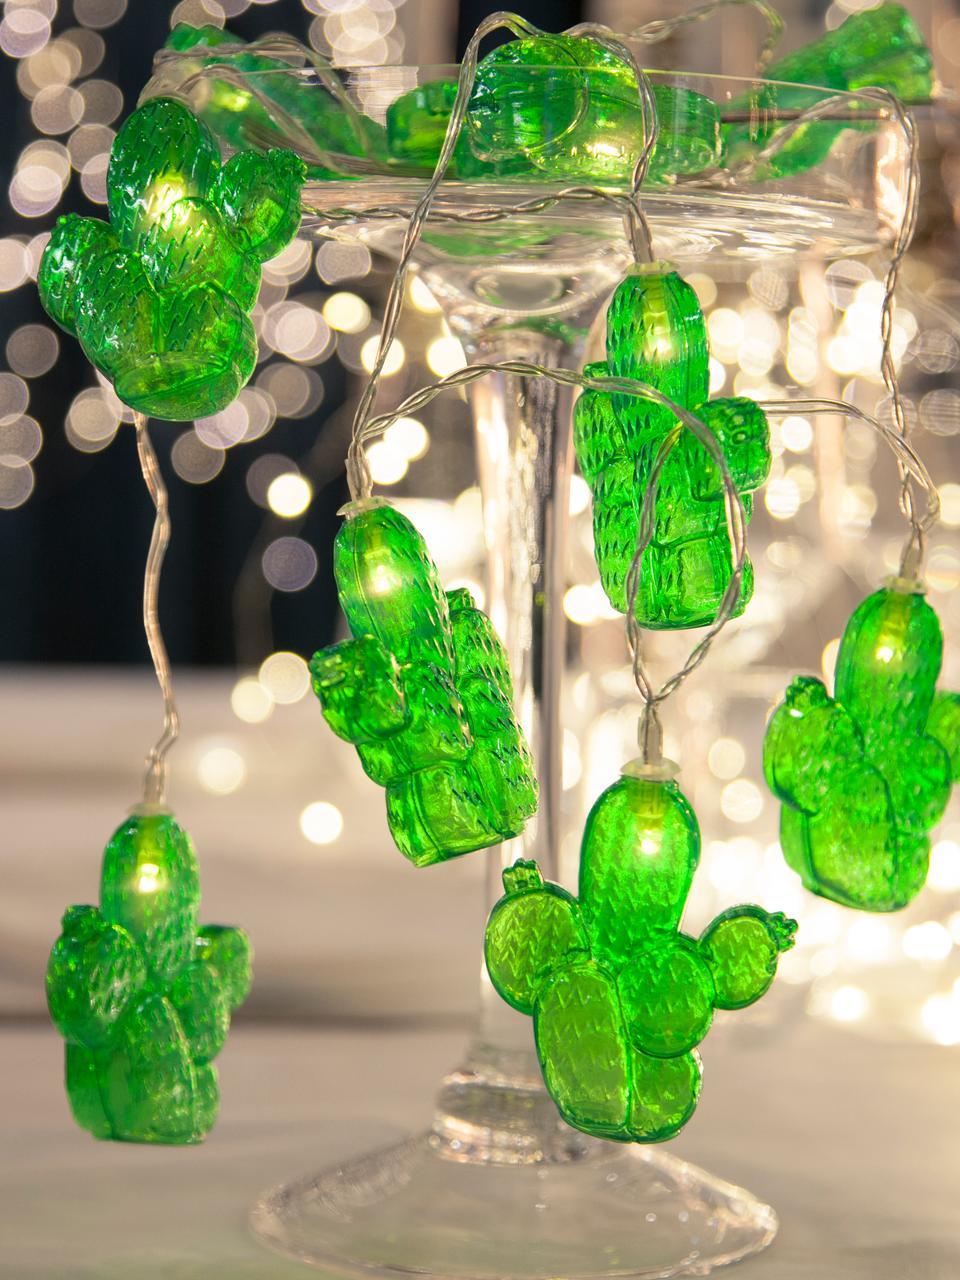 Girlanda świetlna z lampkami LED Desert, Tworzywo sztuczne, Zielony, D 135 cm